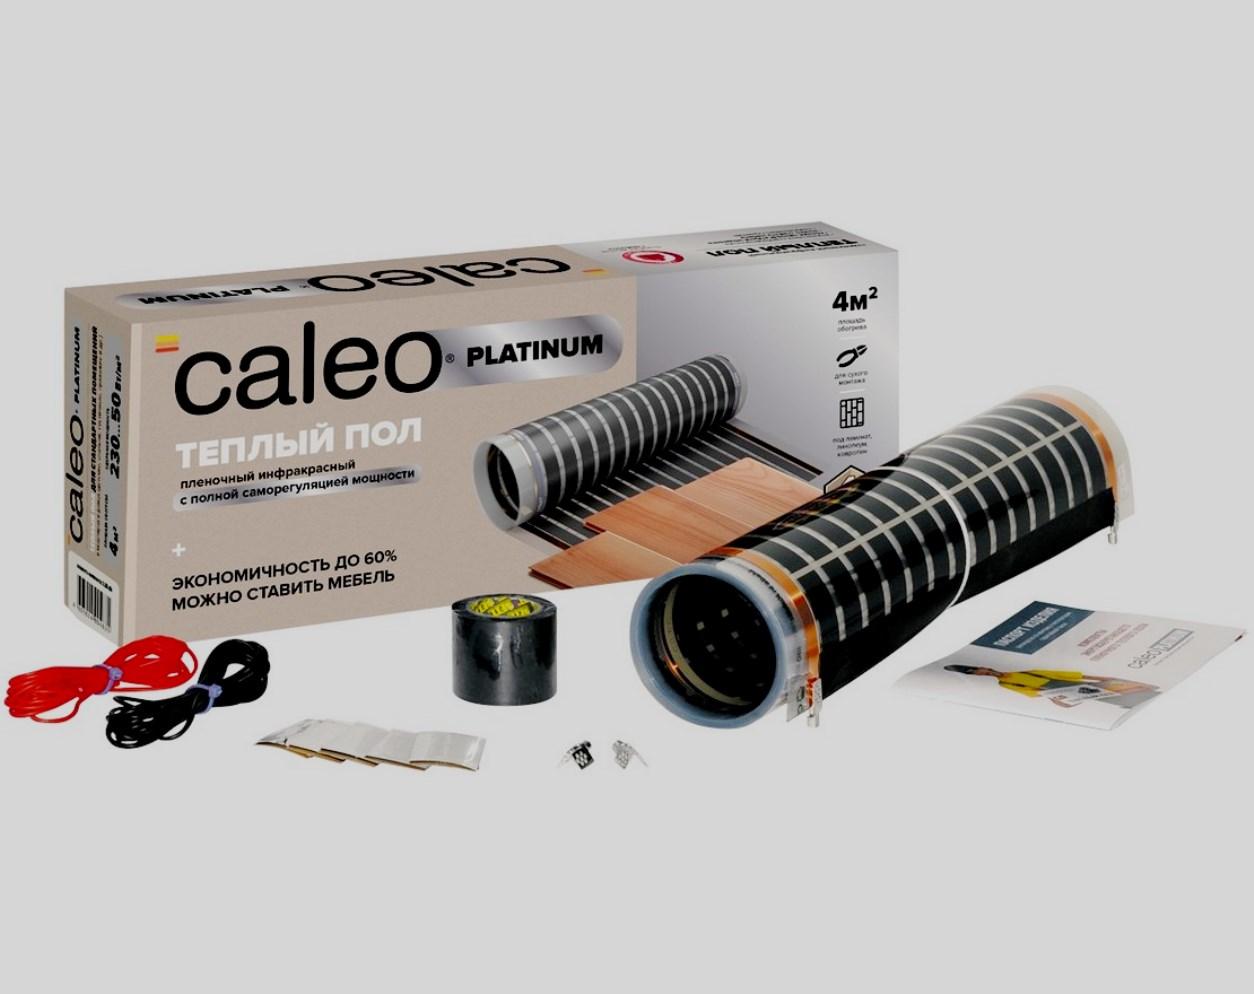 Caleo PLATINUM 230-0,5-2,0 460 Вт